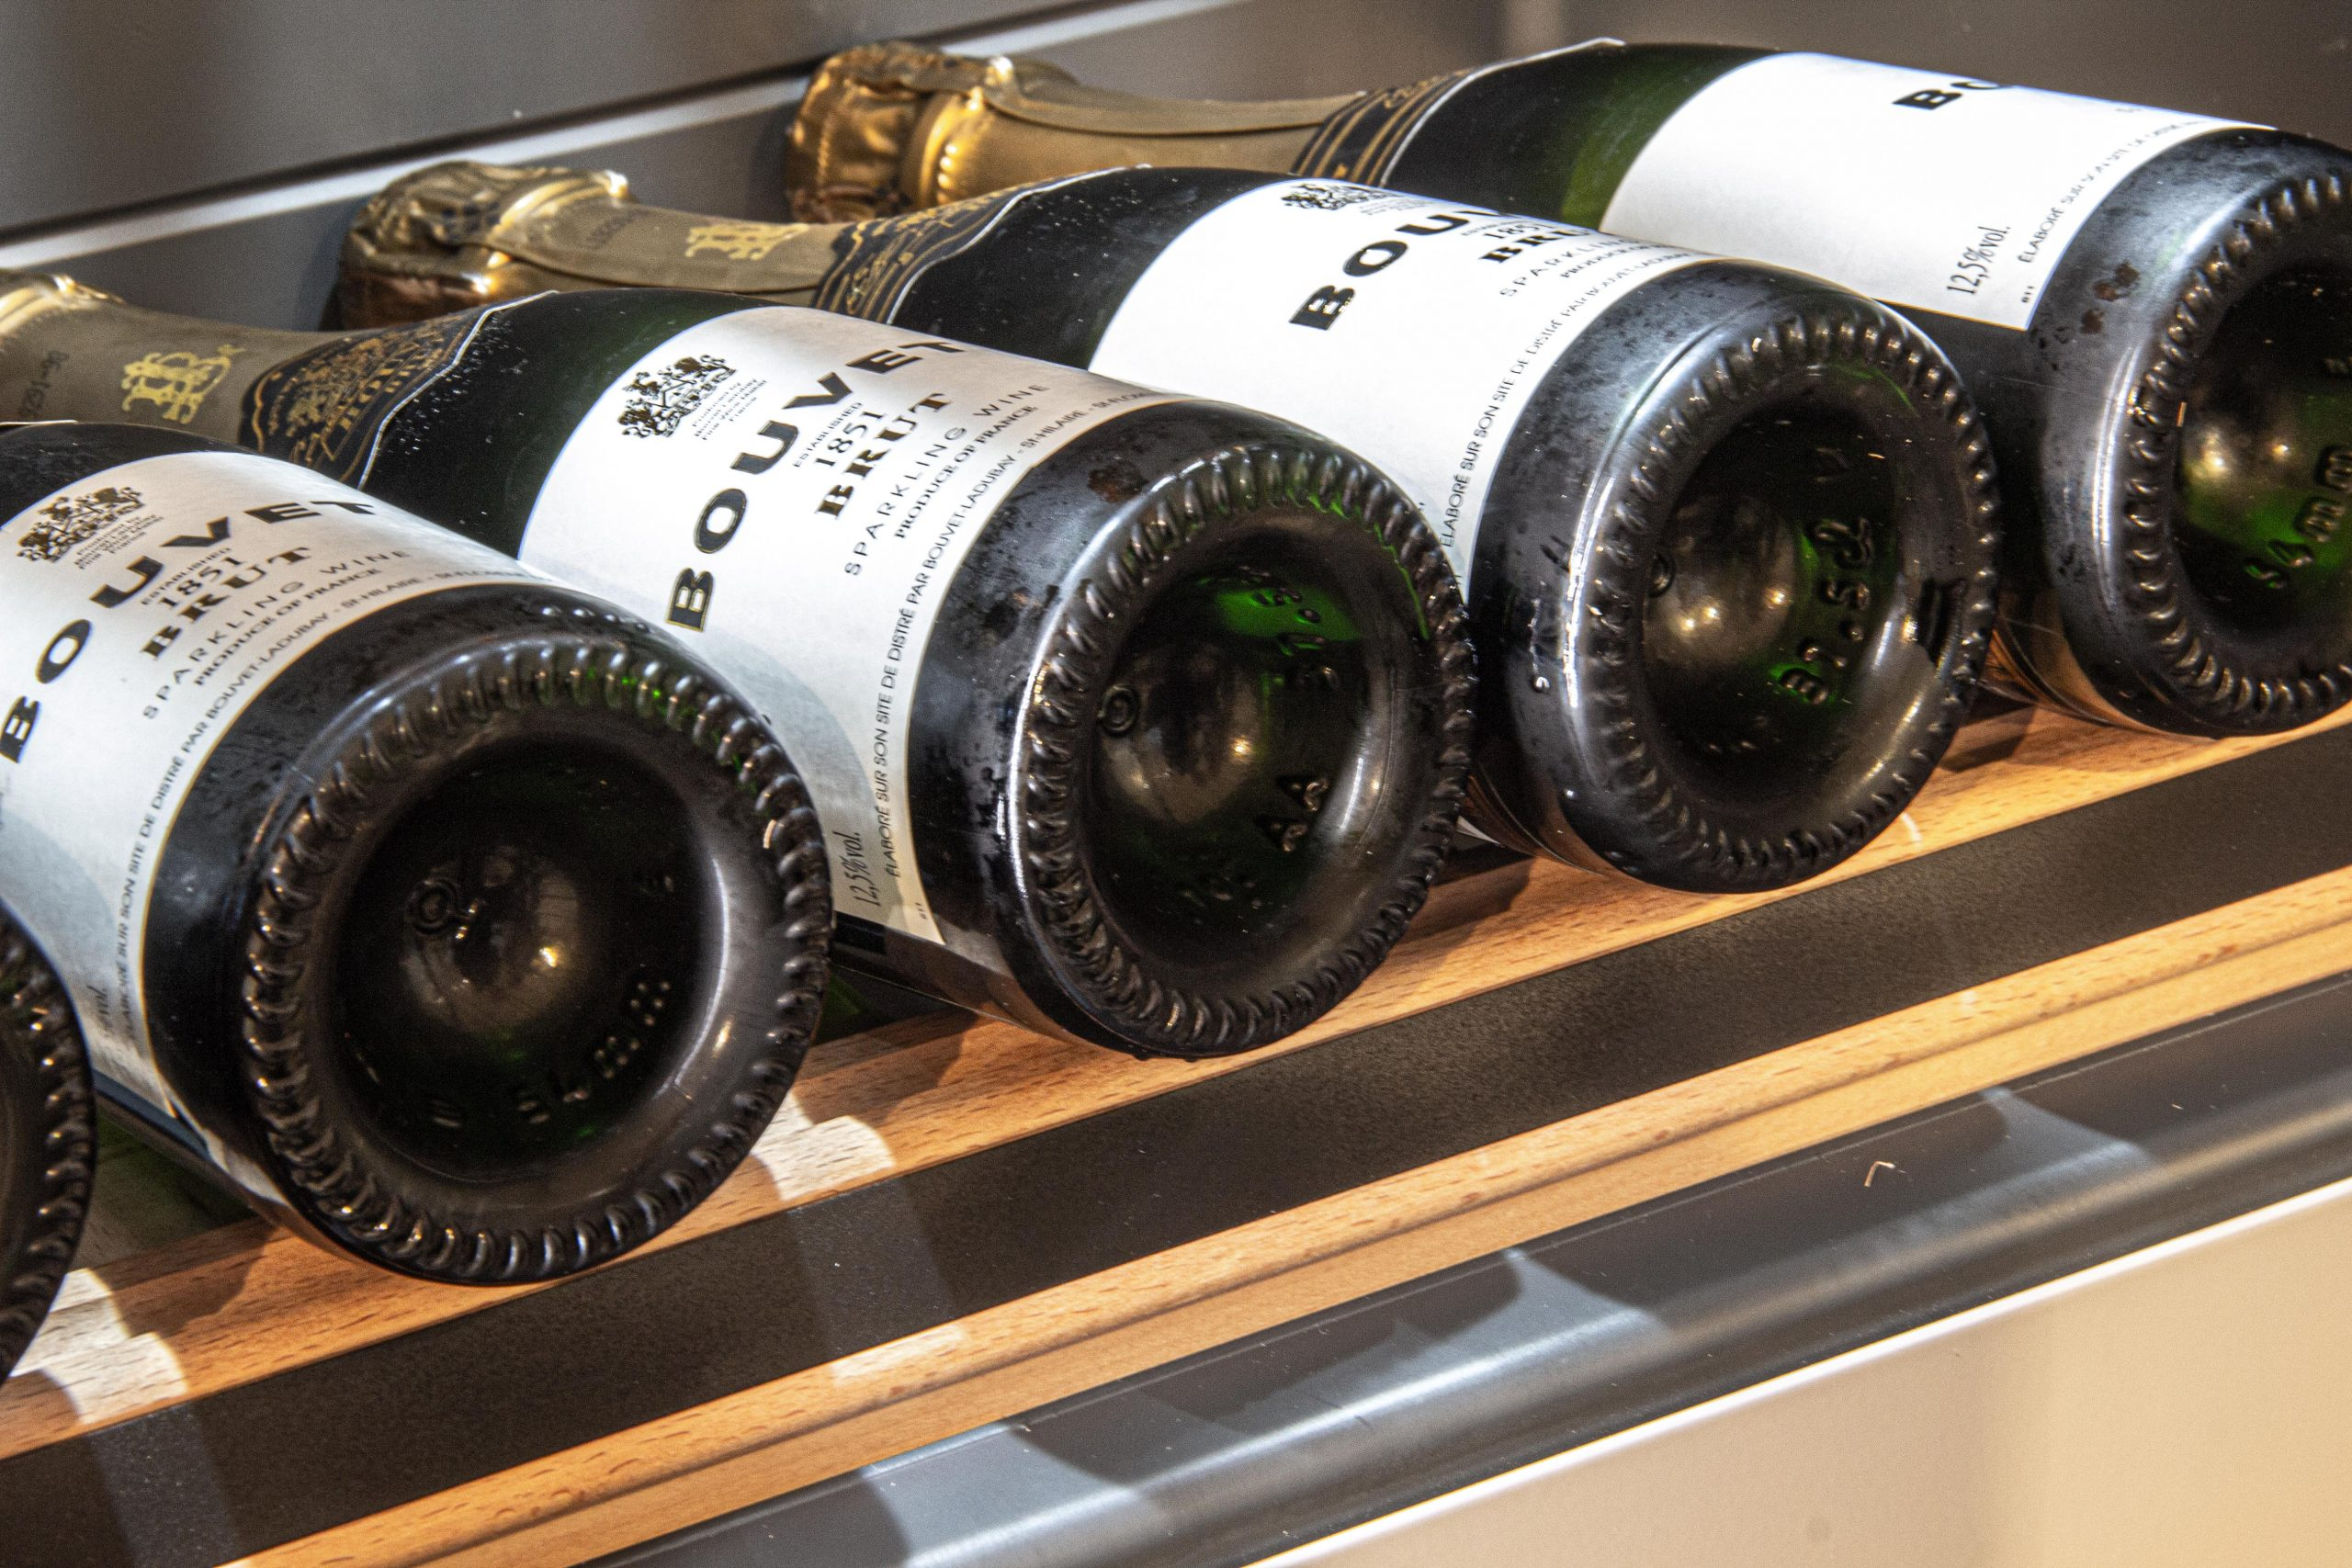 Möbel TAUSCH - einrichten - Weinschrank CAMBUSA WINE